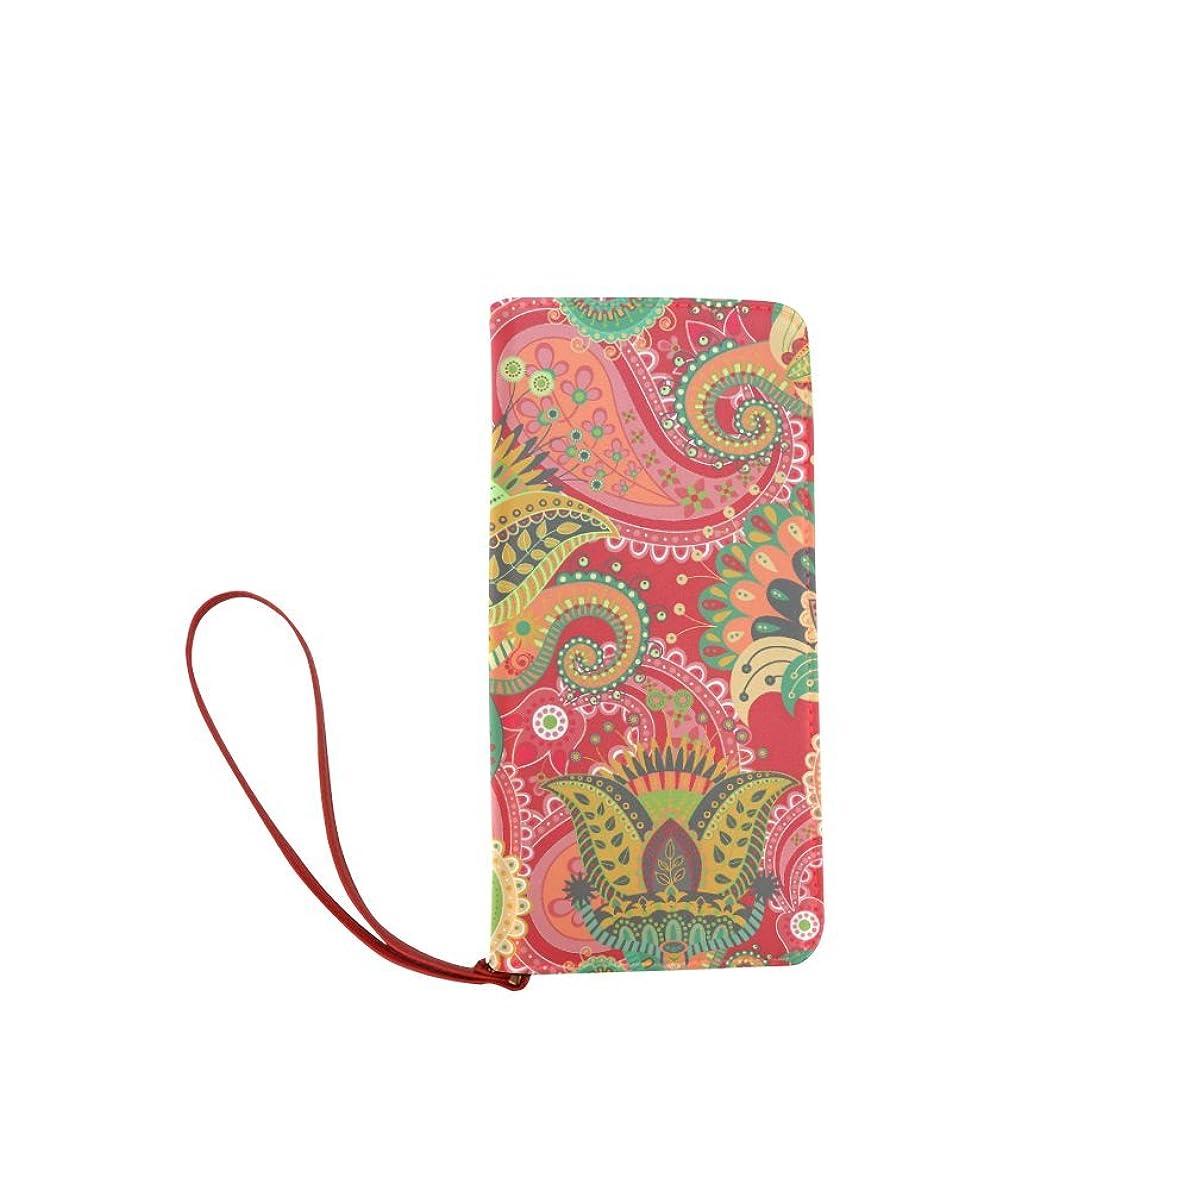 セイはさておきキャベツ女王レディースボヘミアンヒッピークラッチ財布Purse with Wrist Strap